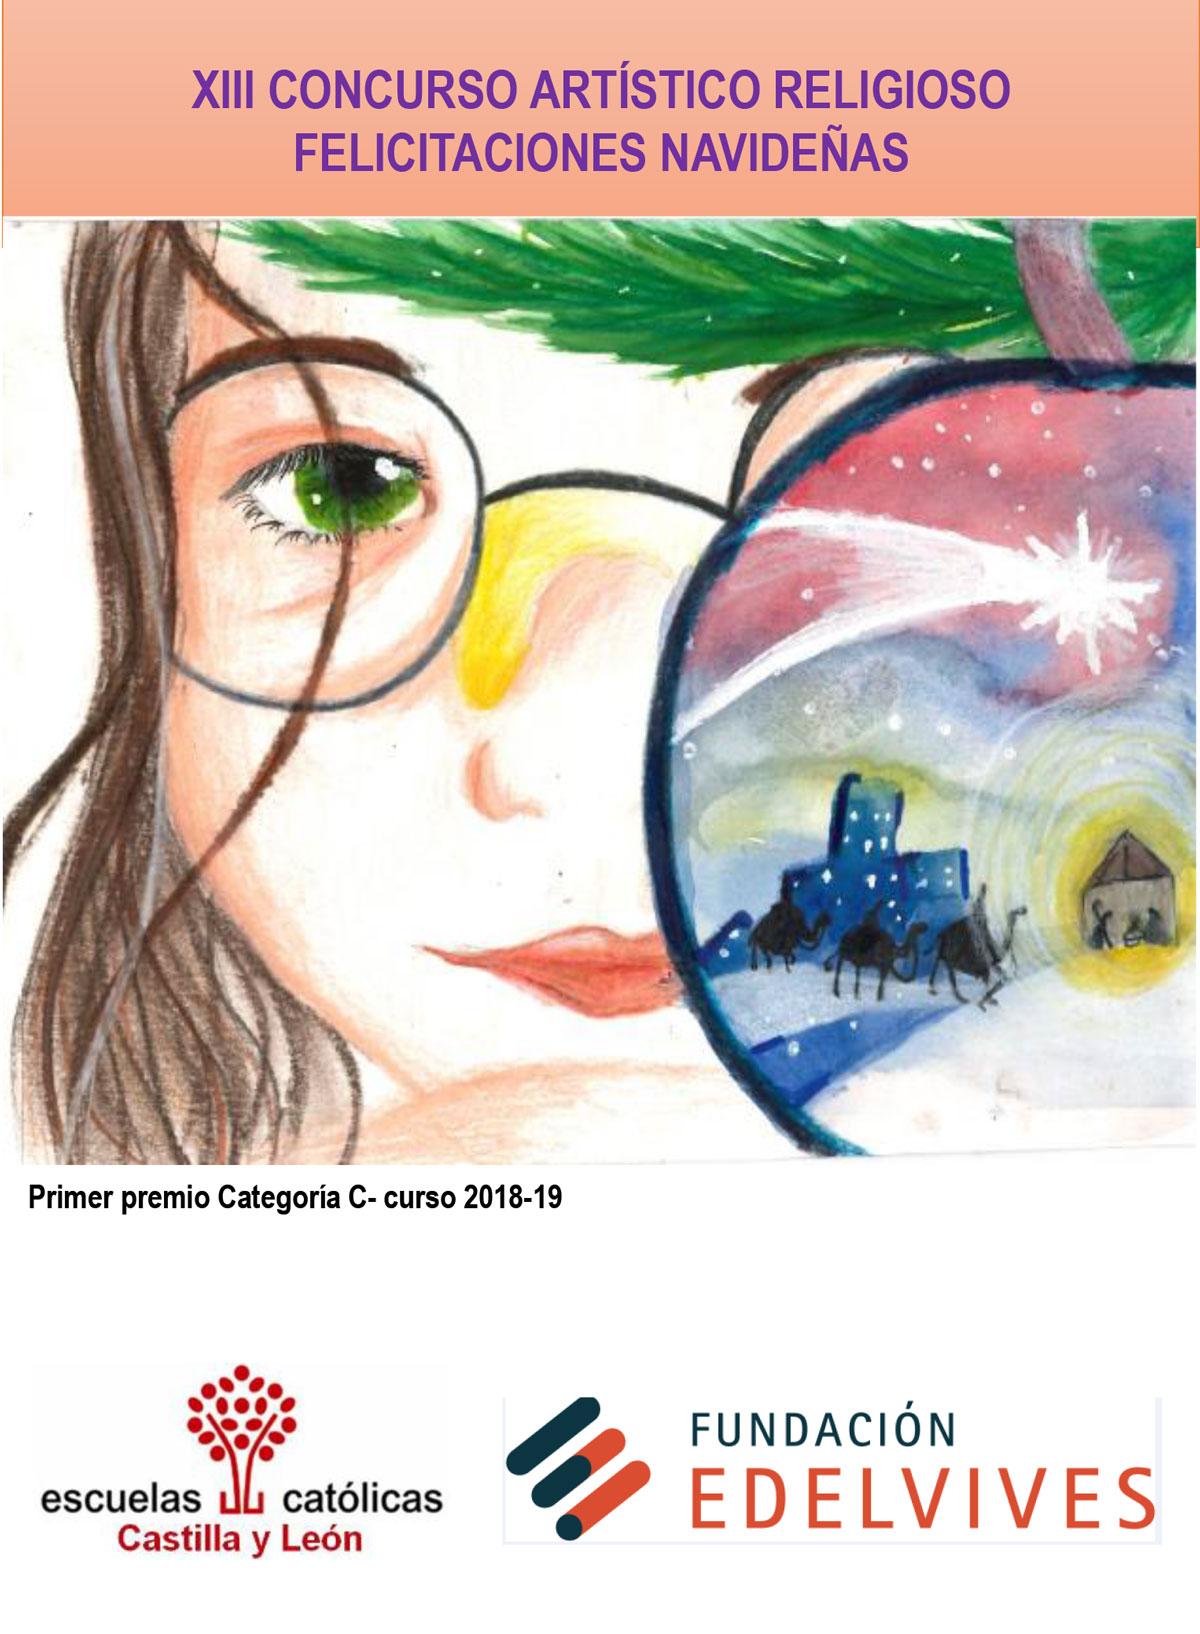 XIII Concurso de Felicitaciones de Navidad